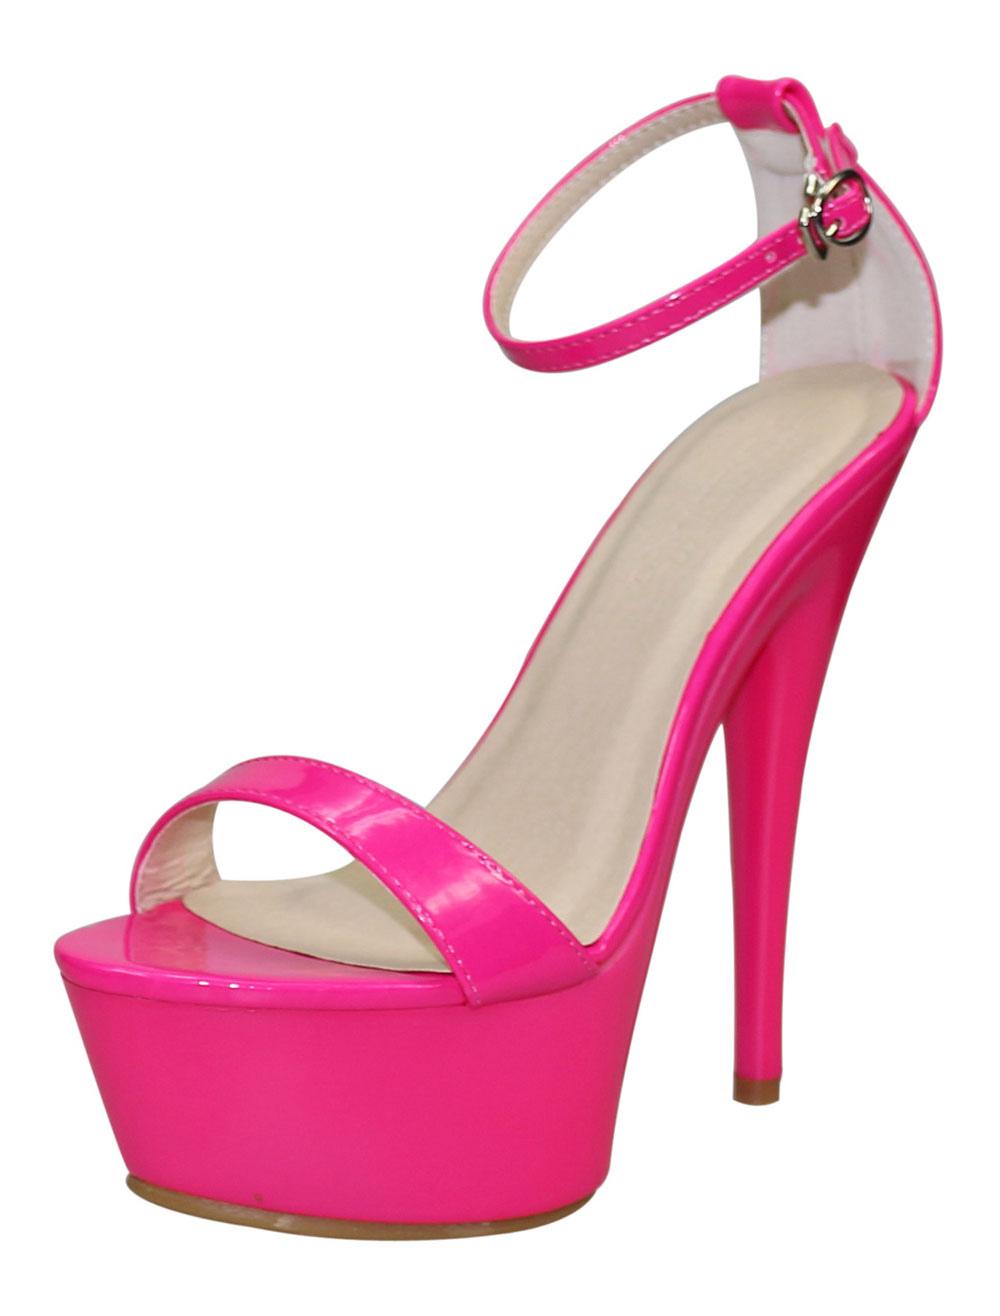 Women's Platform High Heels Rose Red Ankle Strap Prism Heel Sandals